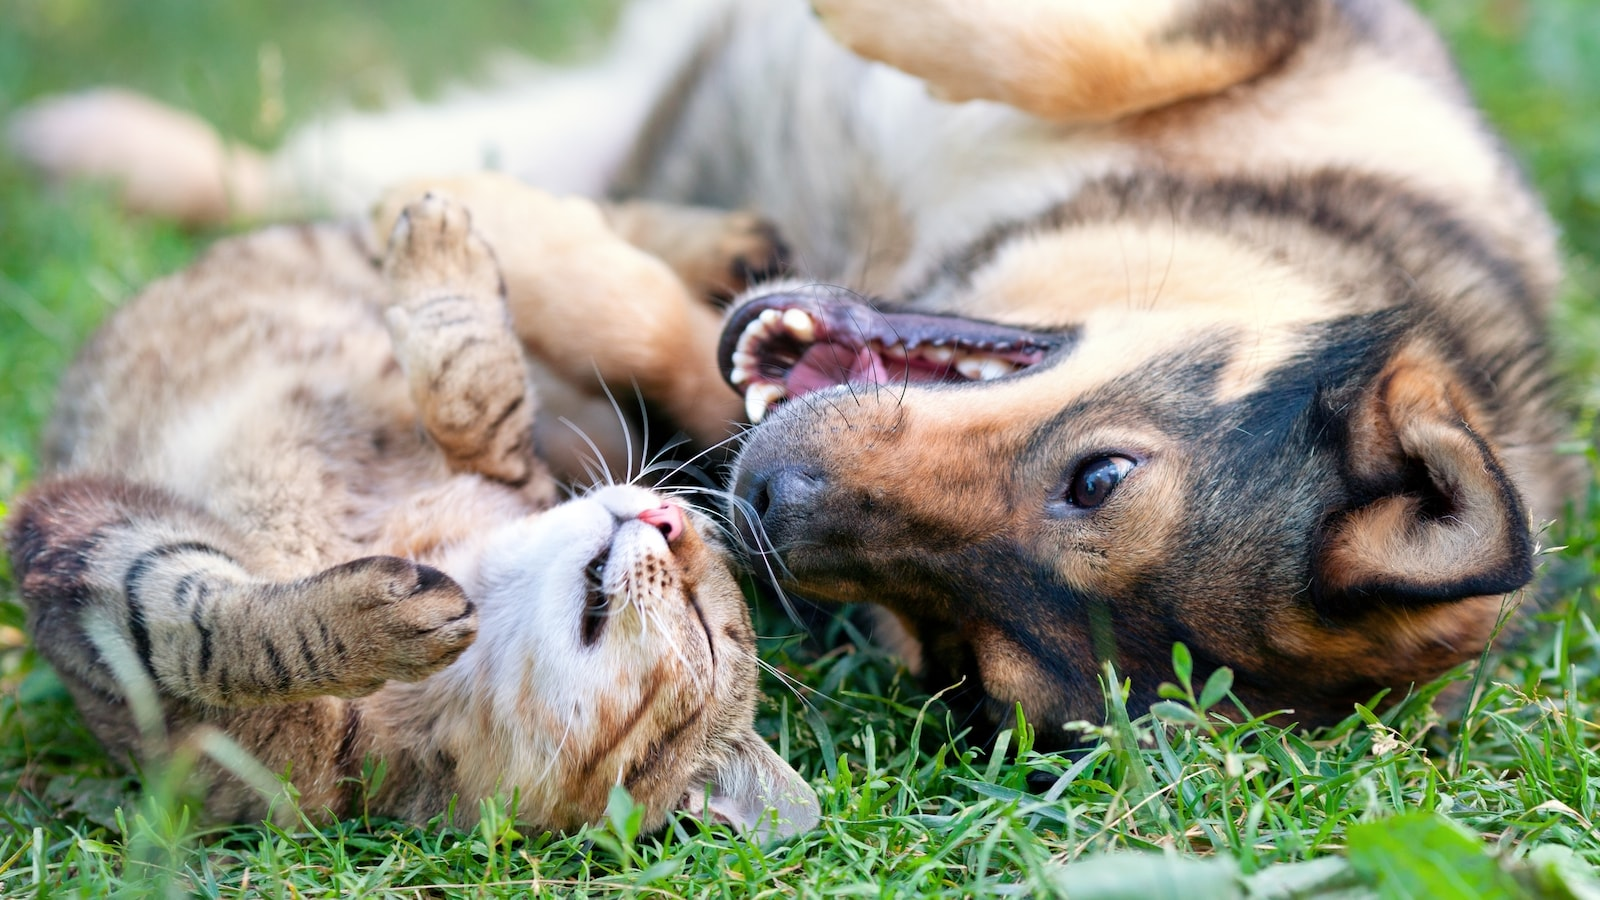 Deux animaux de compagnie entrain de jouer